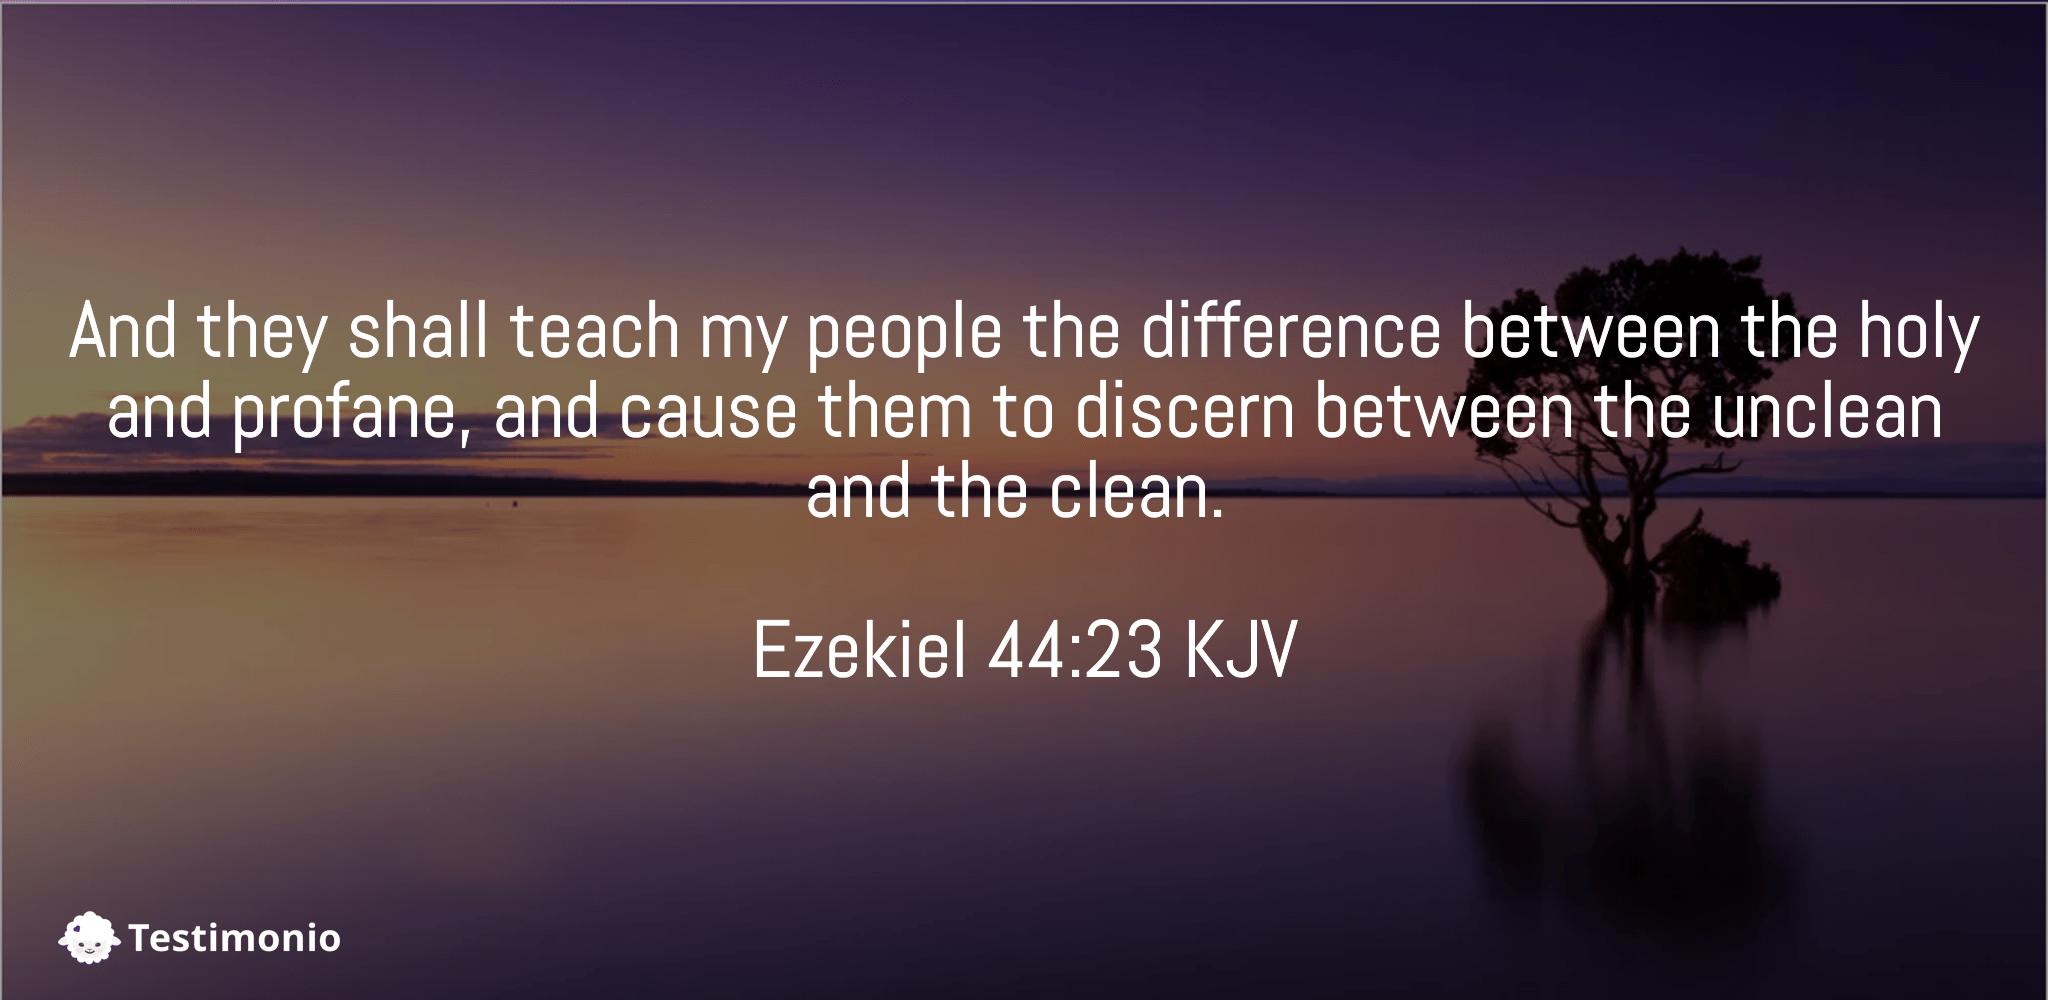 Ezekiel 44:23